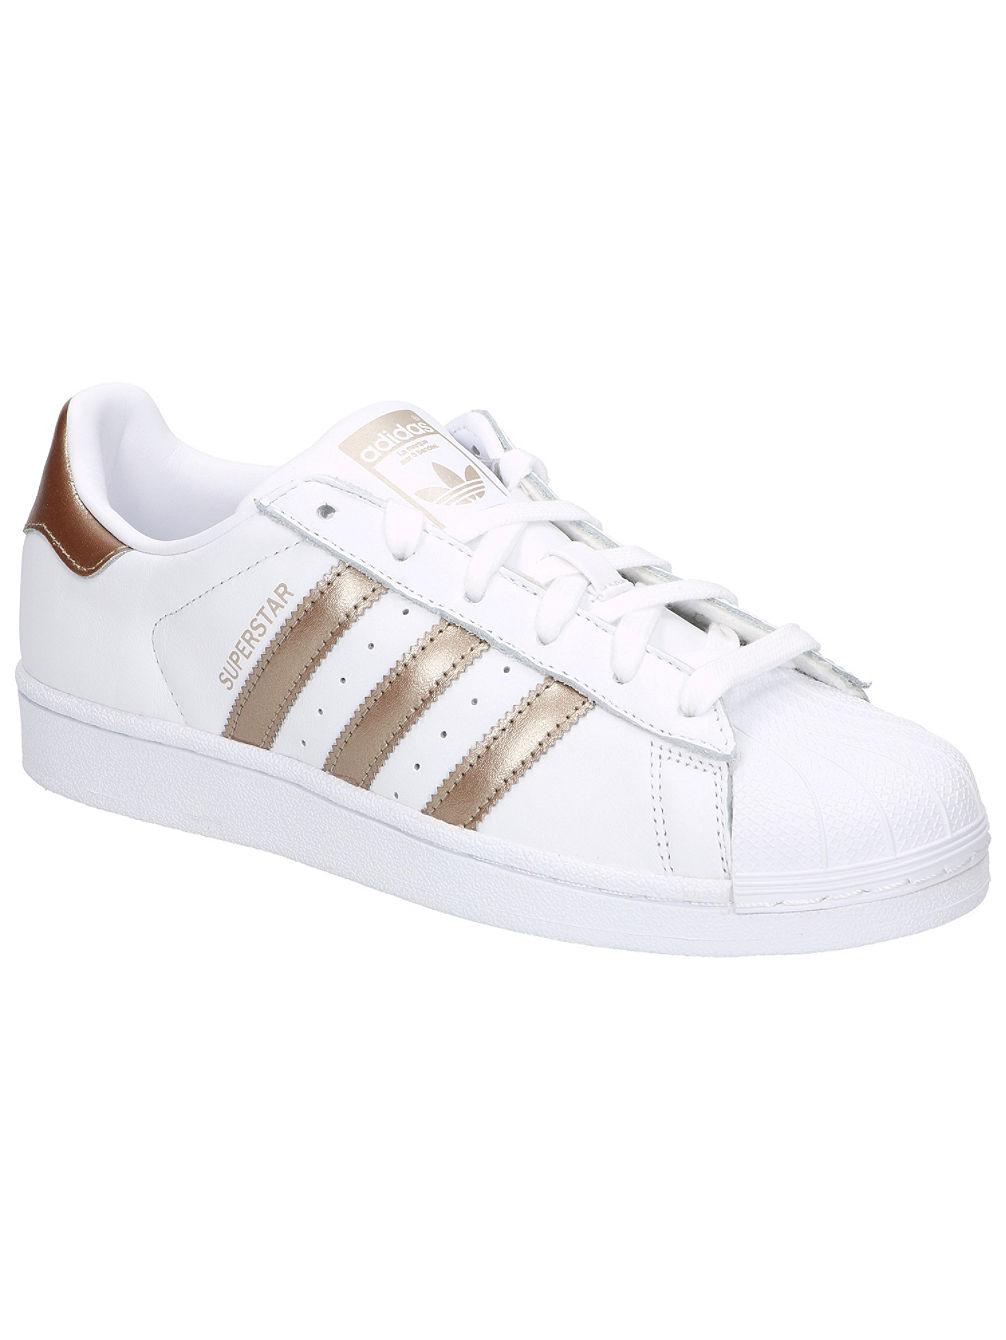 Buy adidas Originals Superstar Sneakers Women online at blue-tomato.com e9cdf8e063